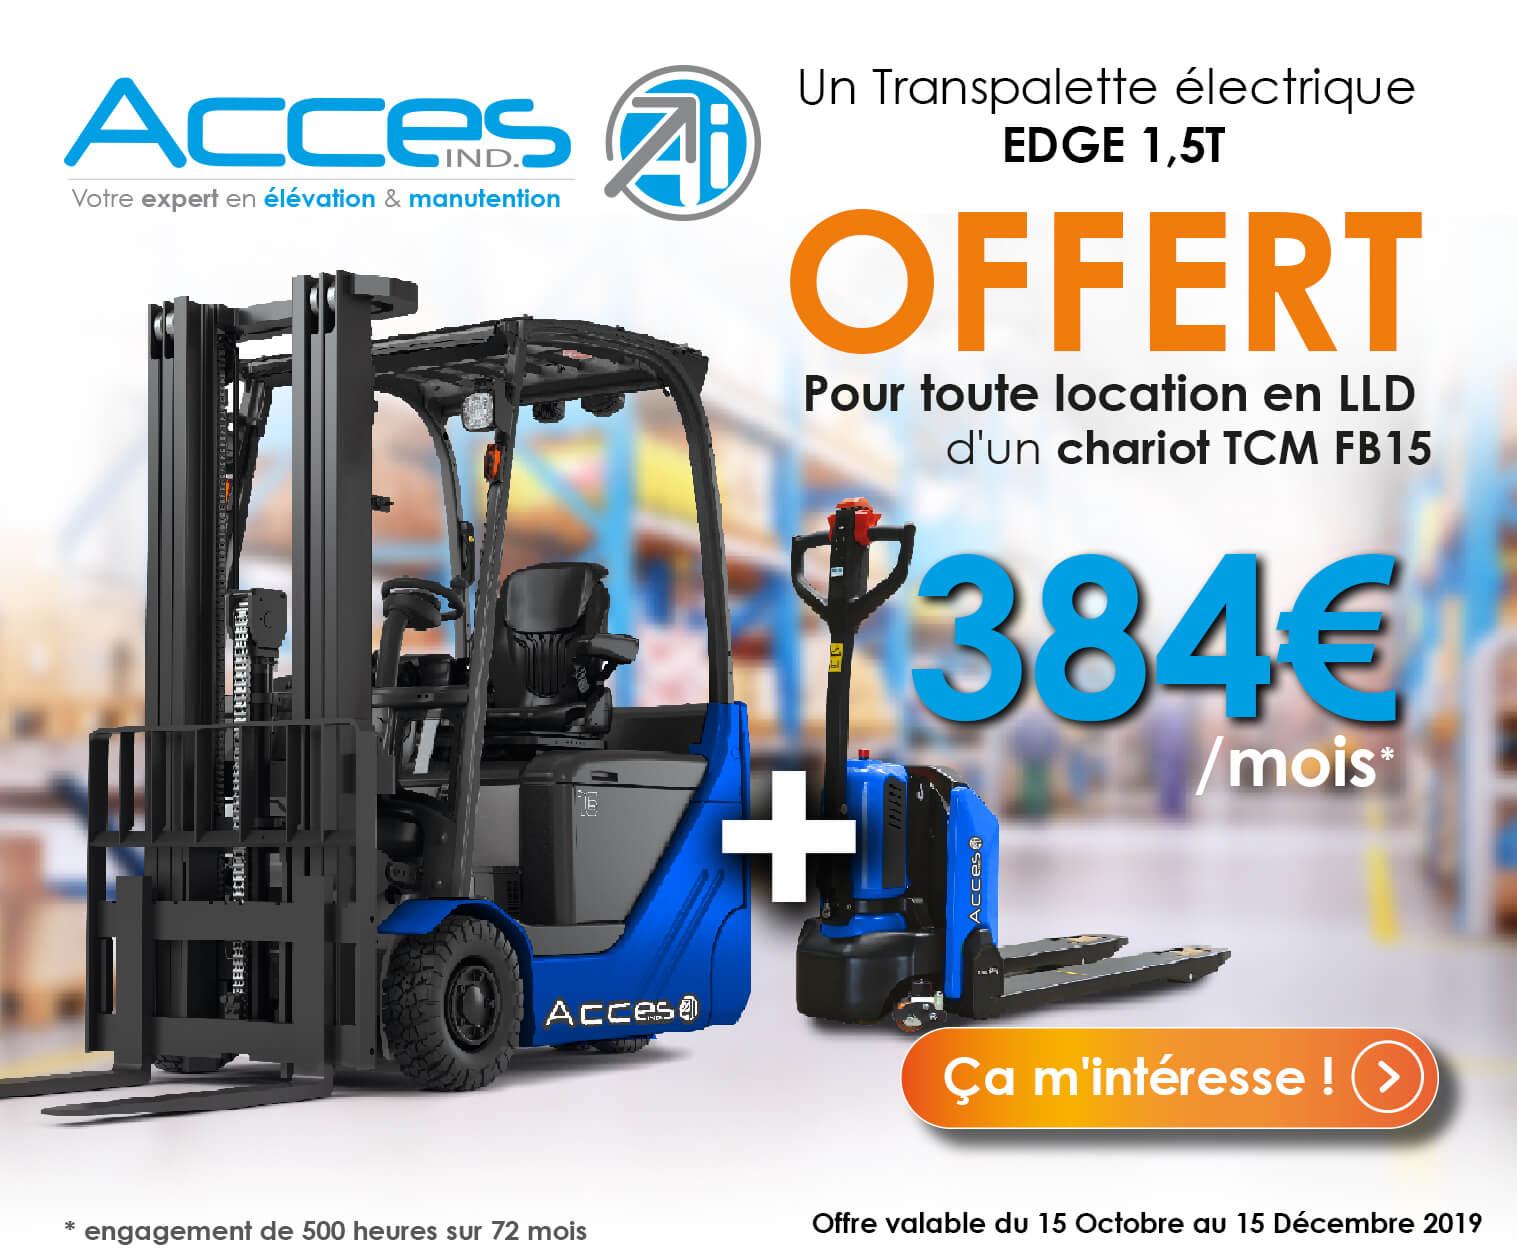 Chariot industriel électrique en location longue durée + transpalette électrique offert